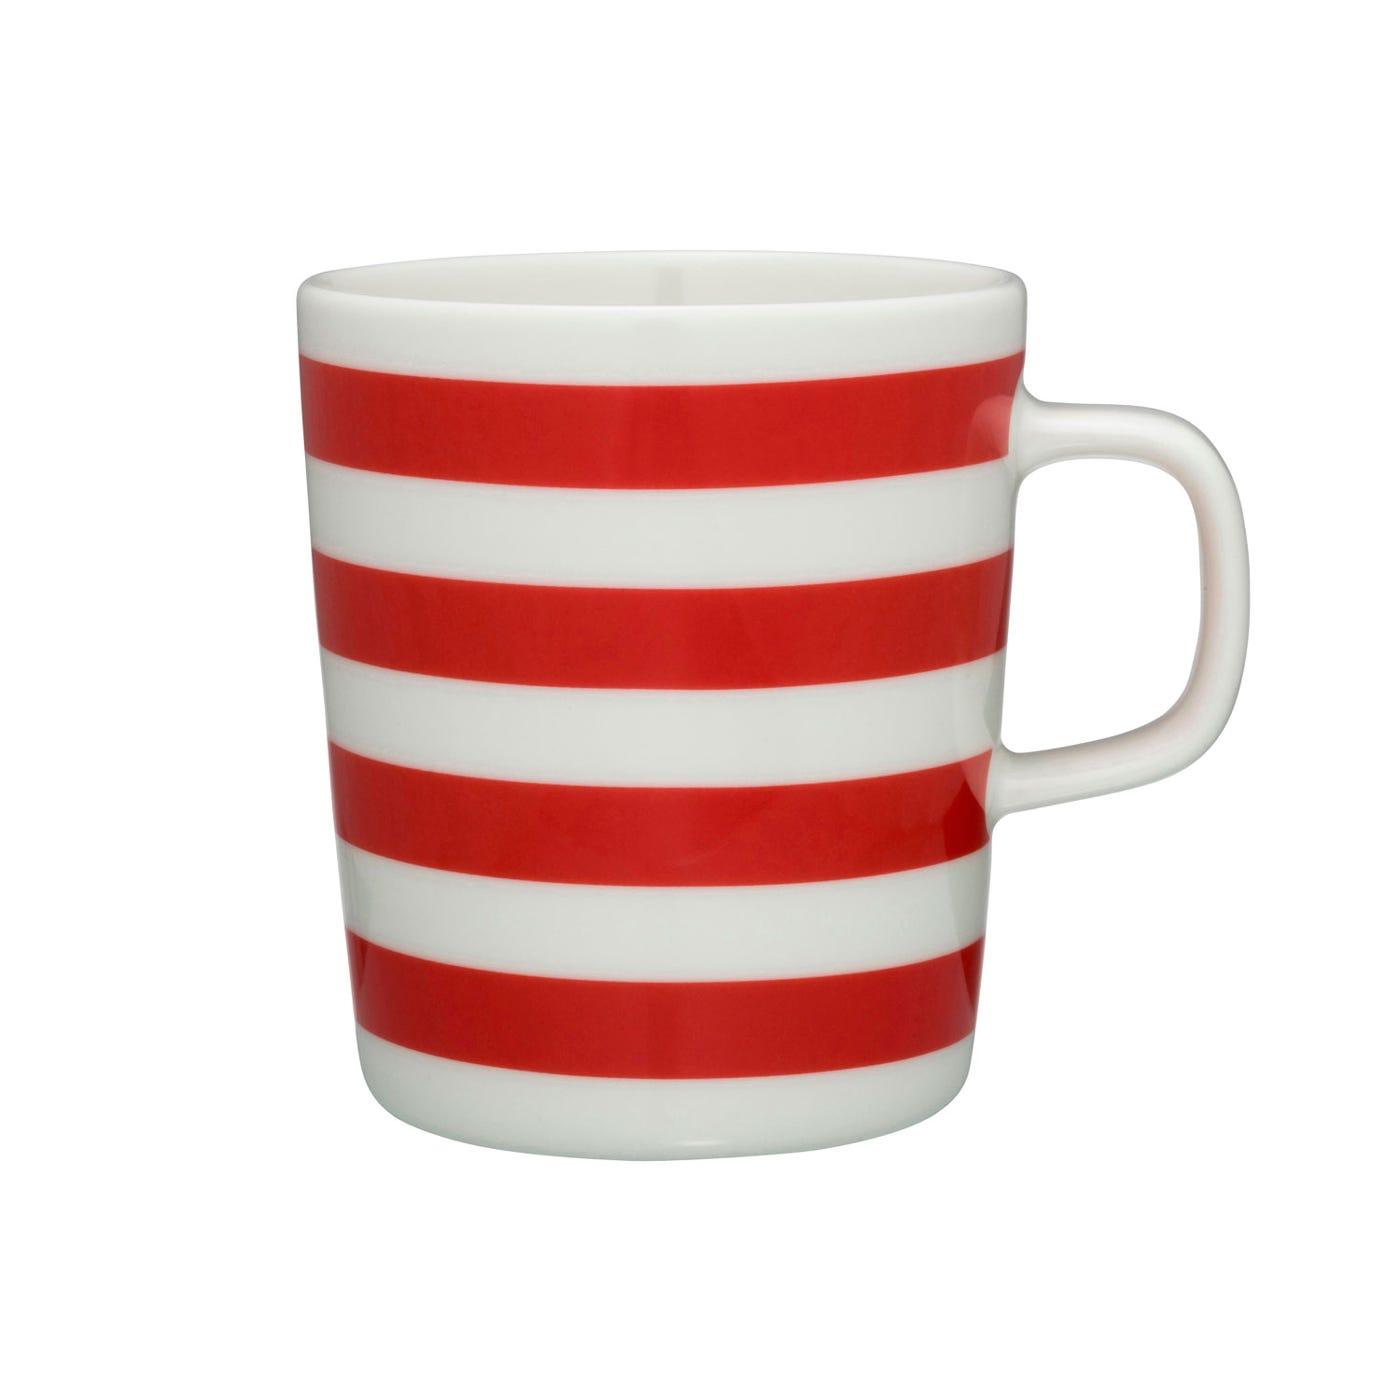 Marimekko Tasaraita Stripe Mug Red